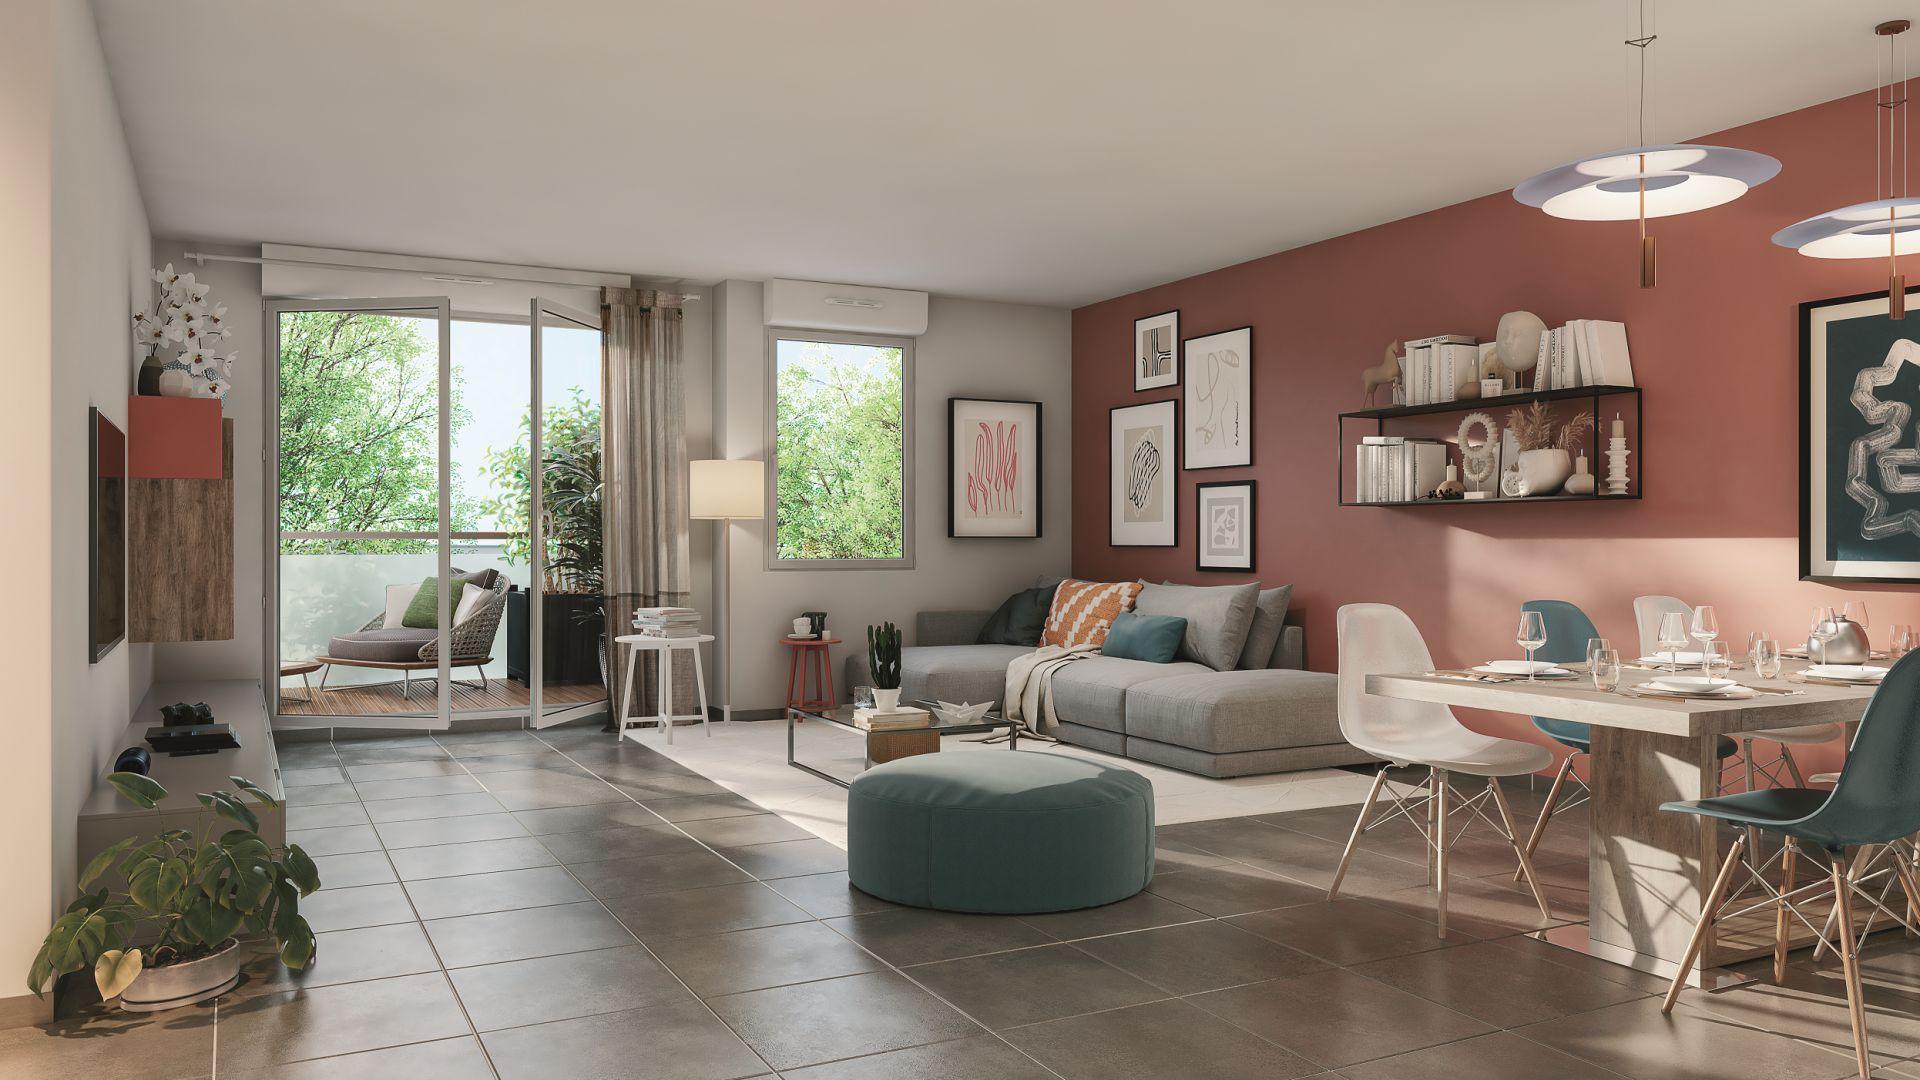 Greencity Immobilier - Résidence Sweet Garden - 31200 Toulouse Bonnefoy - appartements et villas du T2 au T4 - vue intérieure